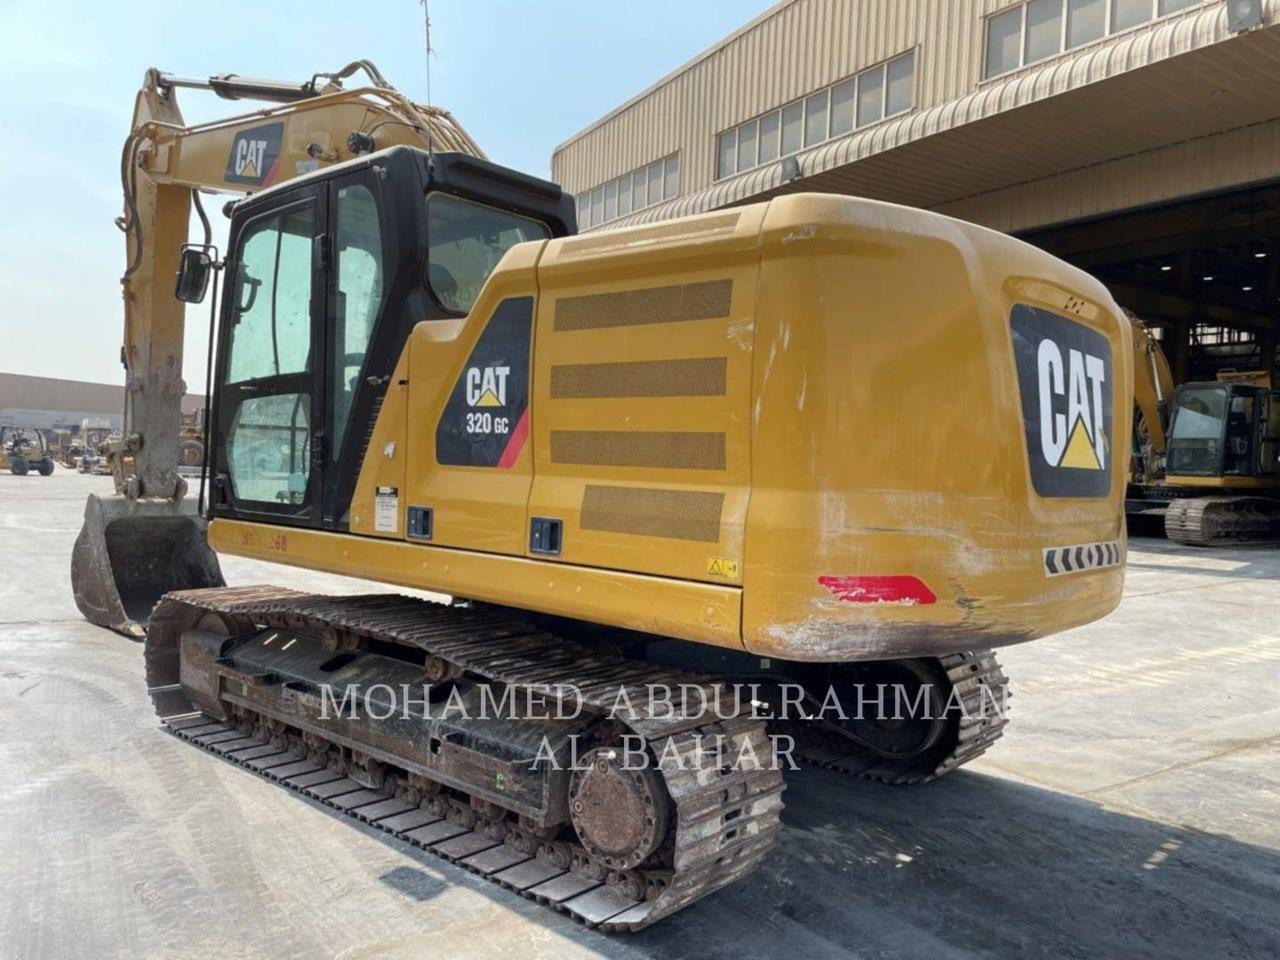 2019 Caterpillar 320-07GC Image 3